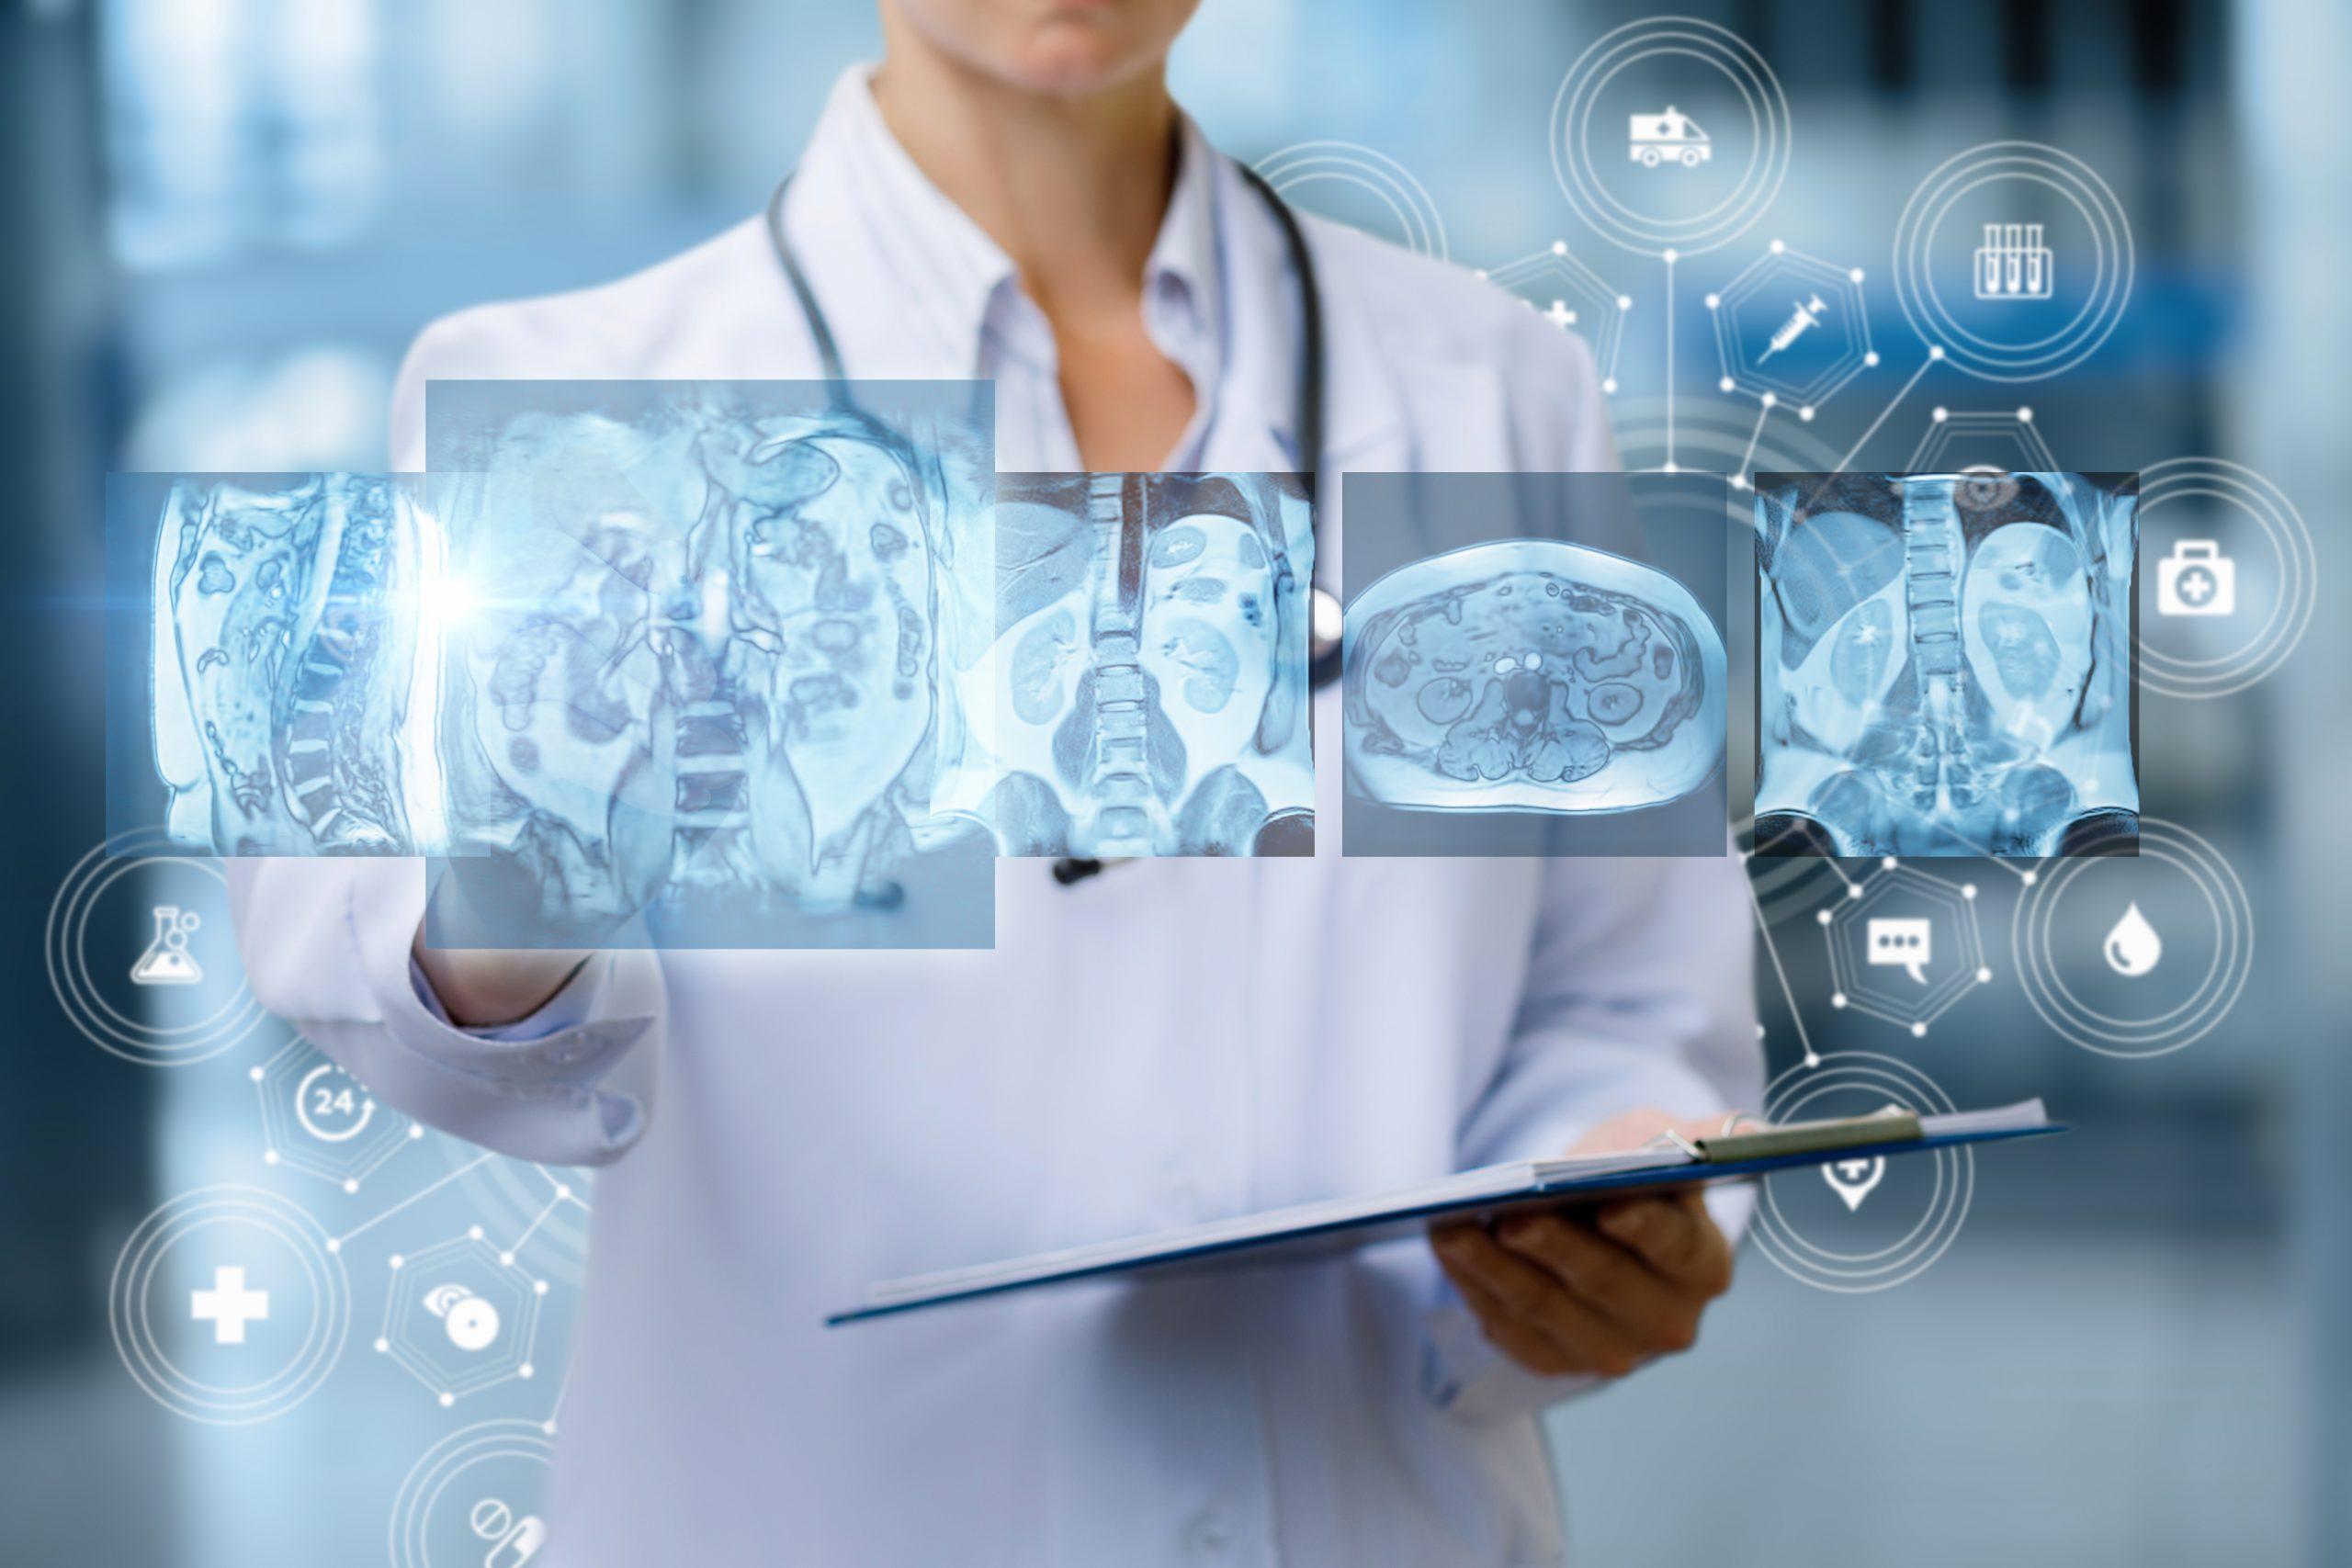 Wyraz BADANIE – co się zanim kryje? Jak prawidłowo tłumaczyć wyraz badanie wdokumentach medycznych?